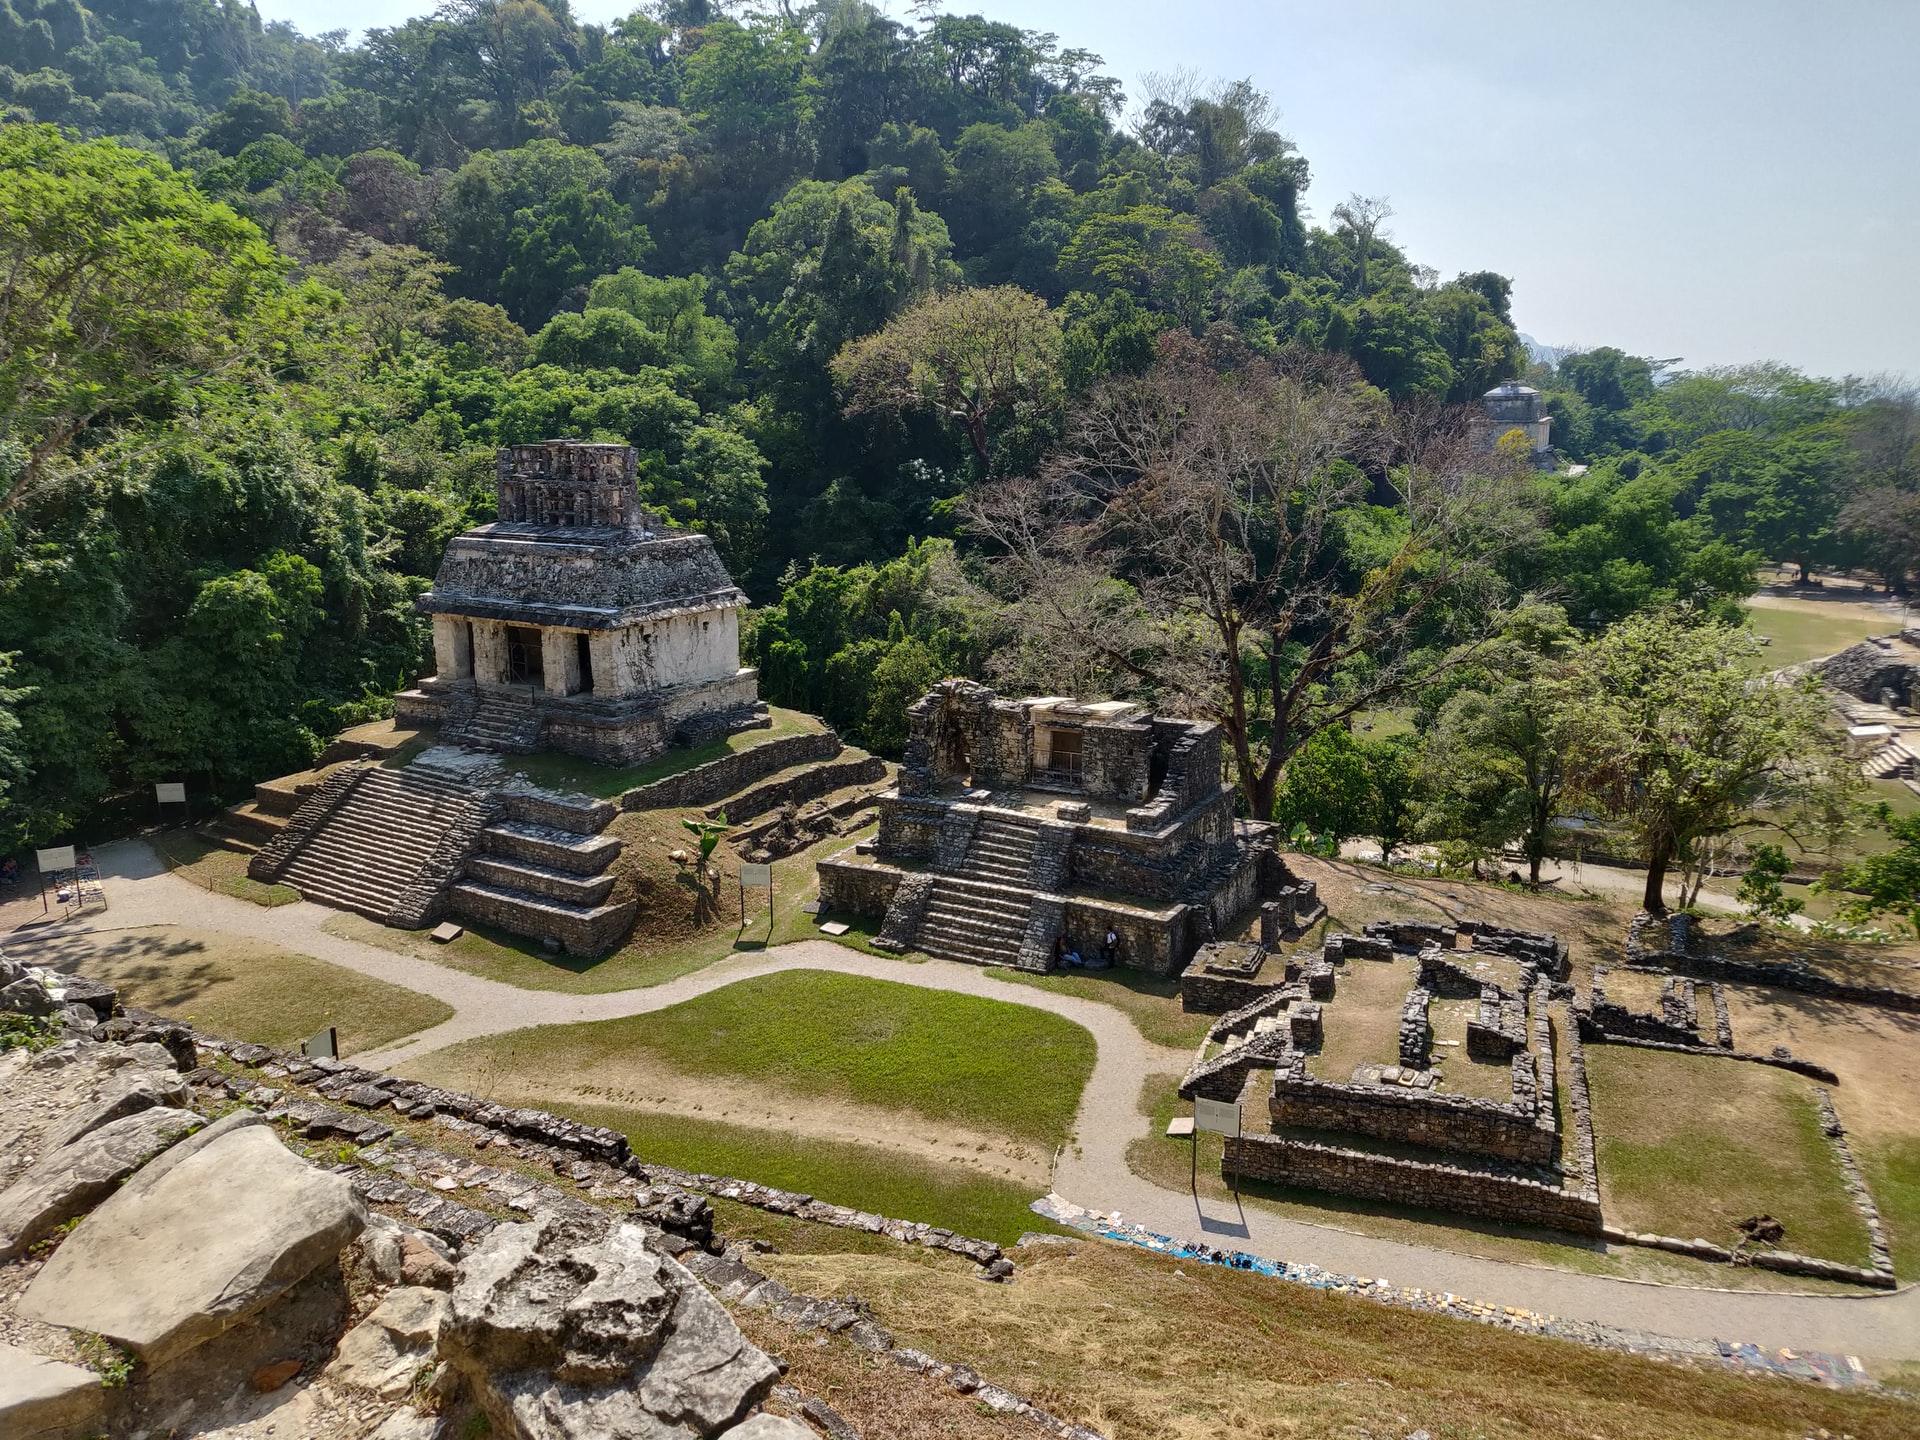 Il mistero della civiltà Maya e la piramide perduta: cosa visitare in Messico - immagini